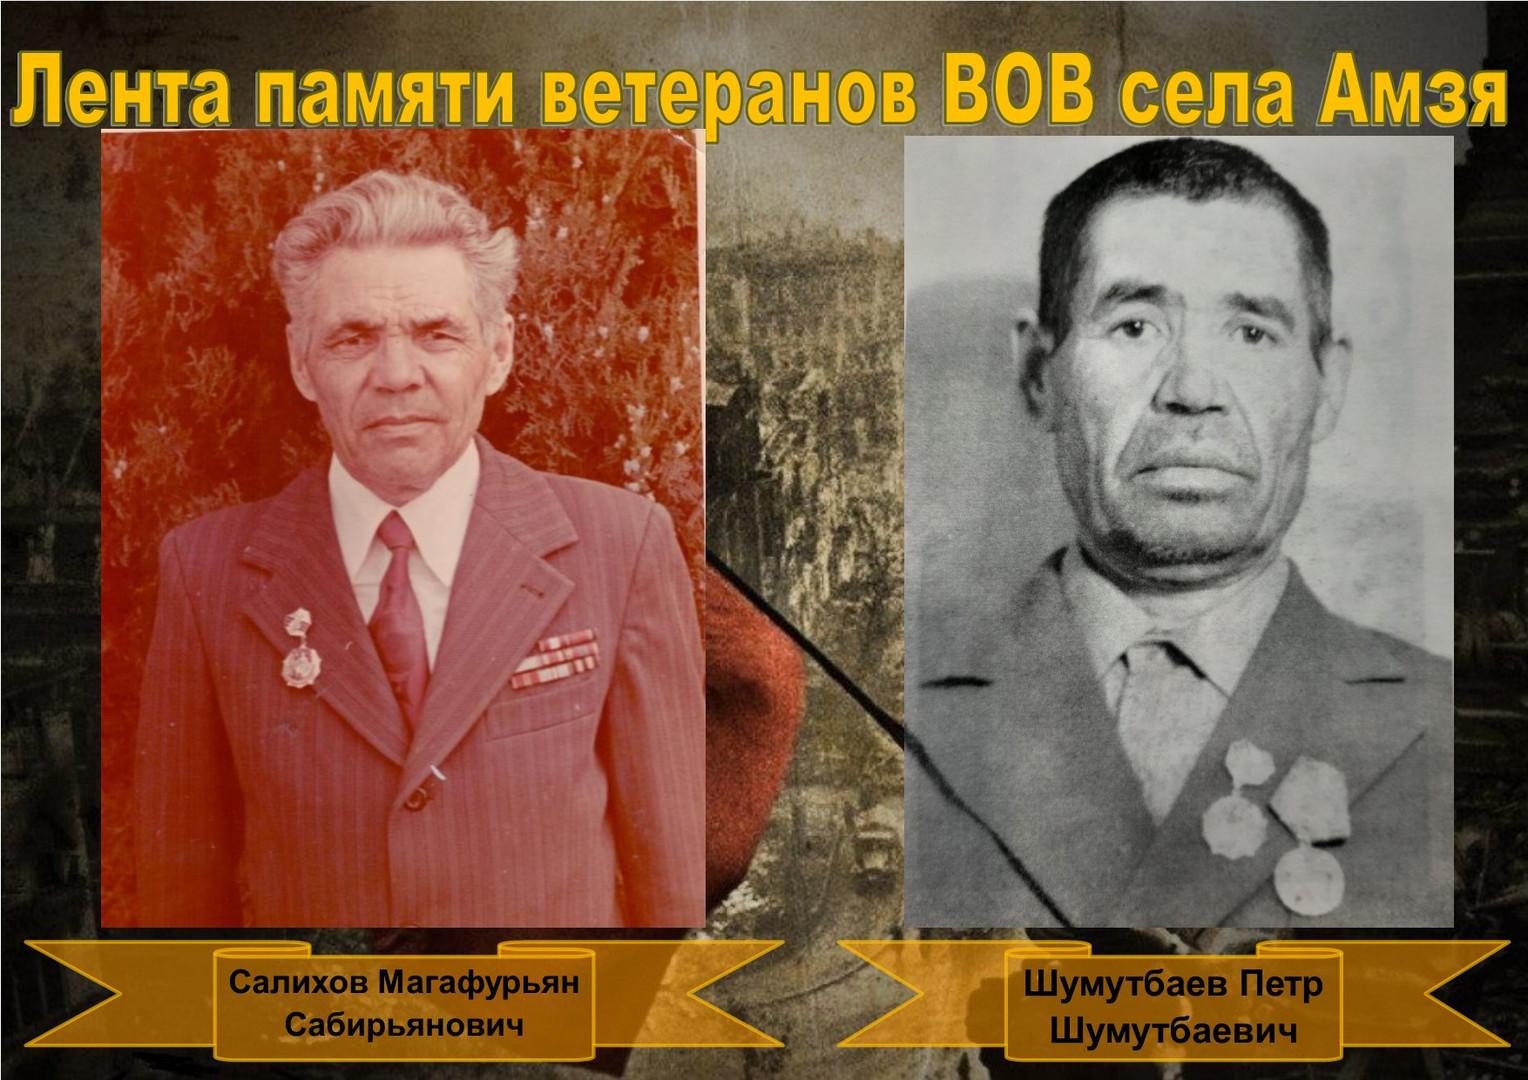 Салихов-Шумутбаев.jpg